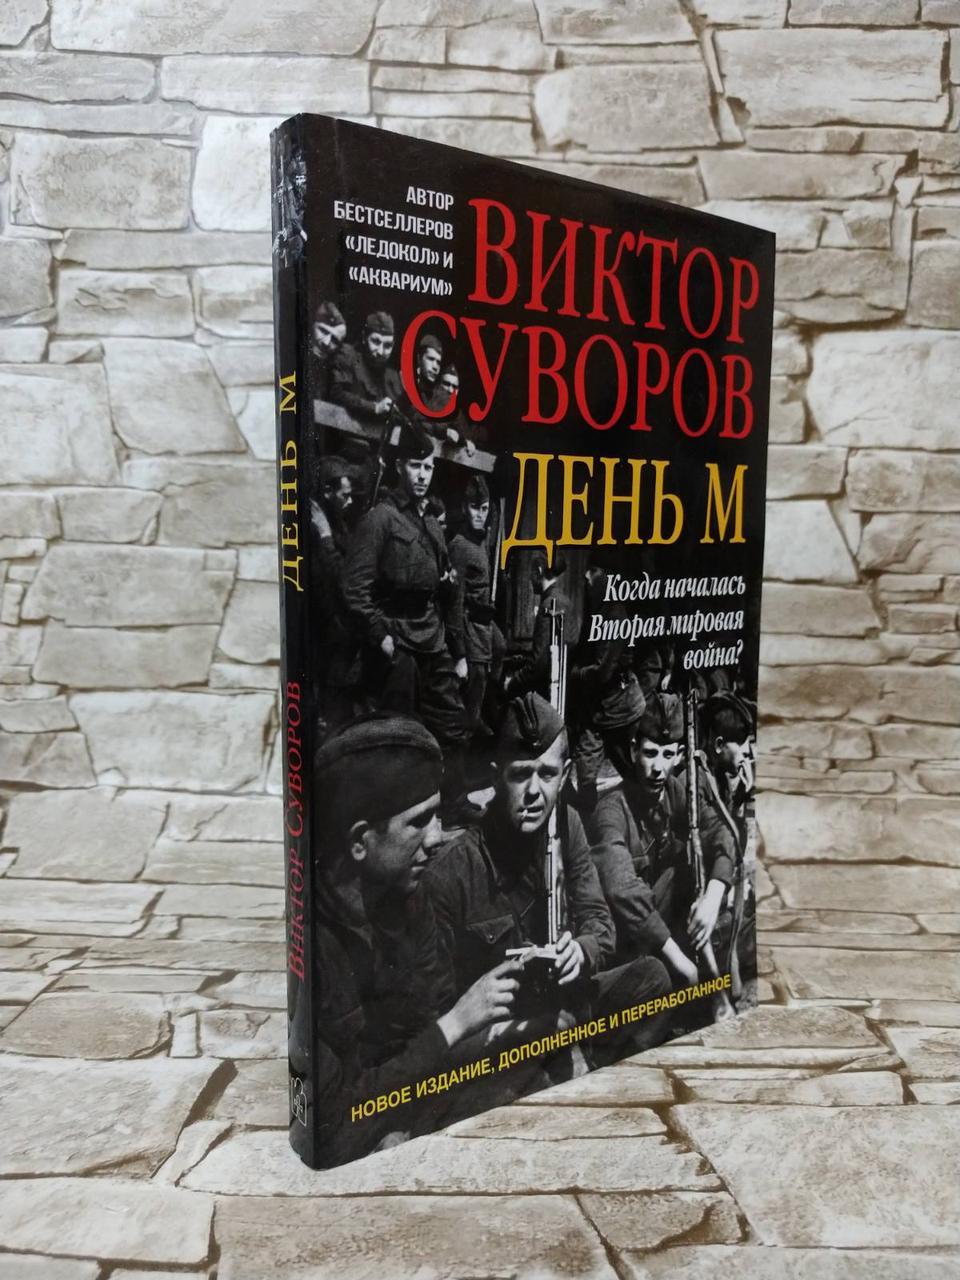 """Книга """"День М. Когда началась Вторая мировая война?"""" Виктор Суворов"""